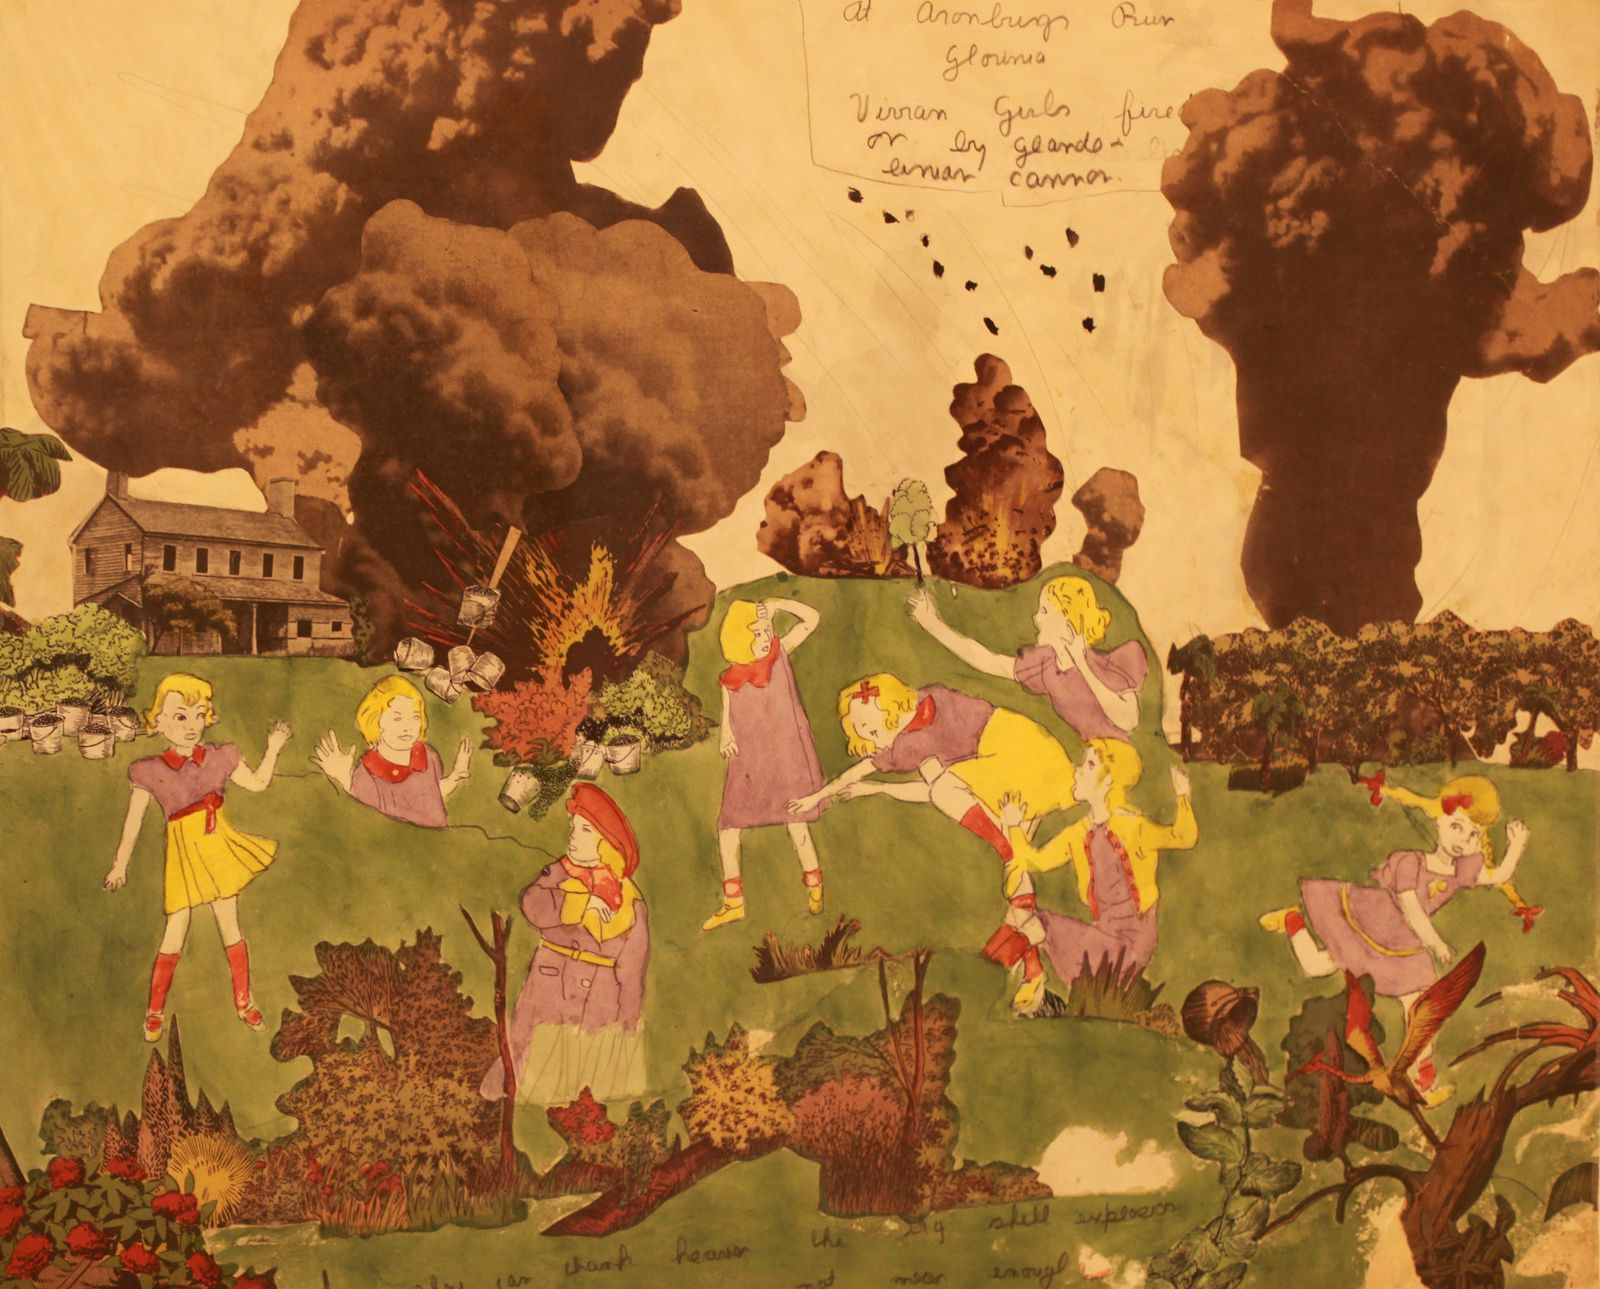 """""""""""A Aronburg Run Glorina. Les Vivian Girls sont visées par les canons Glandeliniens. Elles peuvent rendre grâce au ciel de ce que l'énorme explosion d'obus n'ait pas été assez proche pour les atteindre"""", entre 1930 et 1940 d'Henry Darger © Photo Éric Simon"""